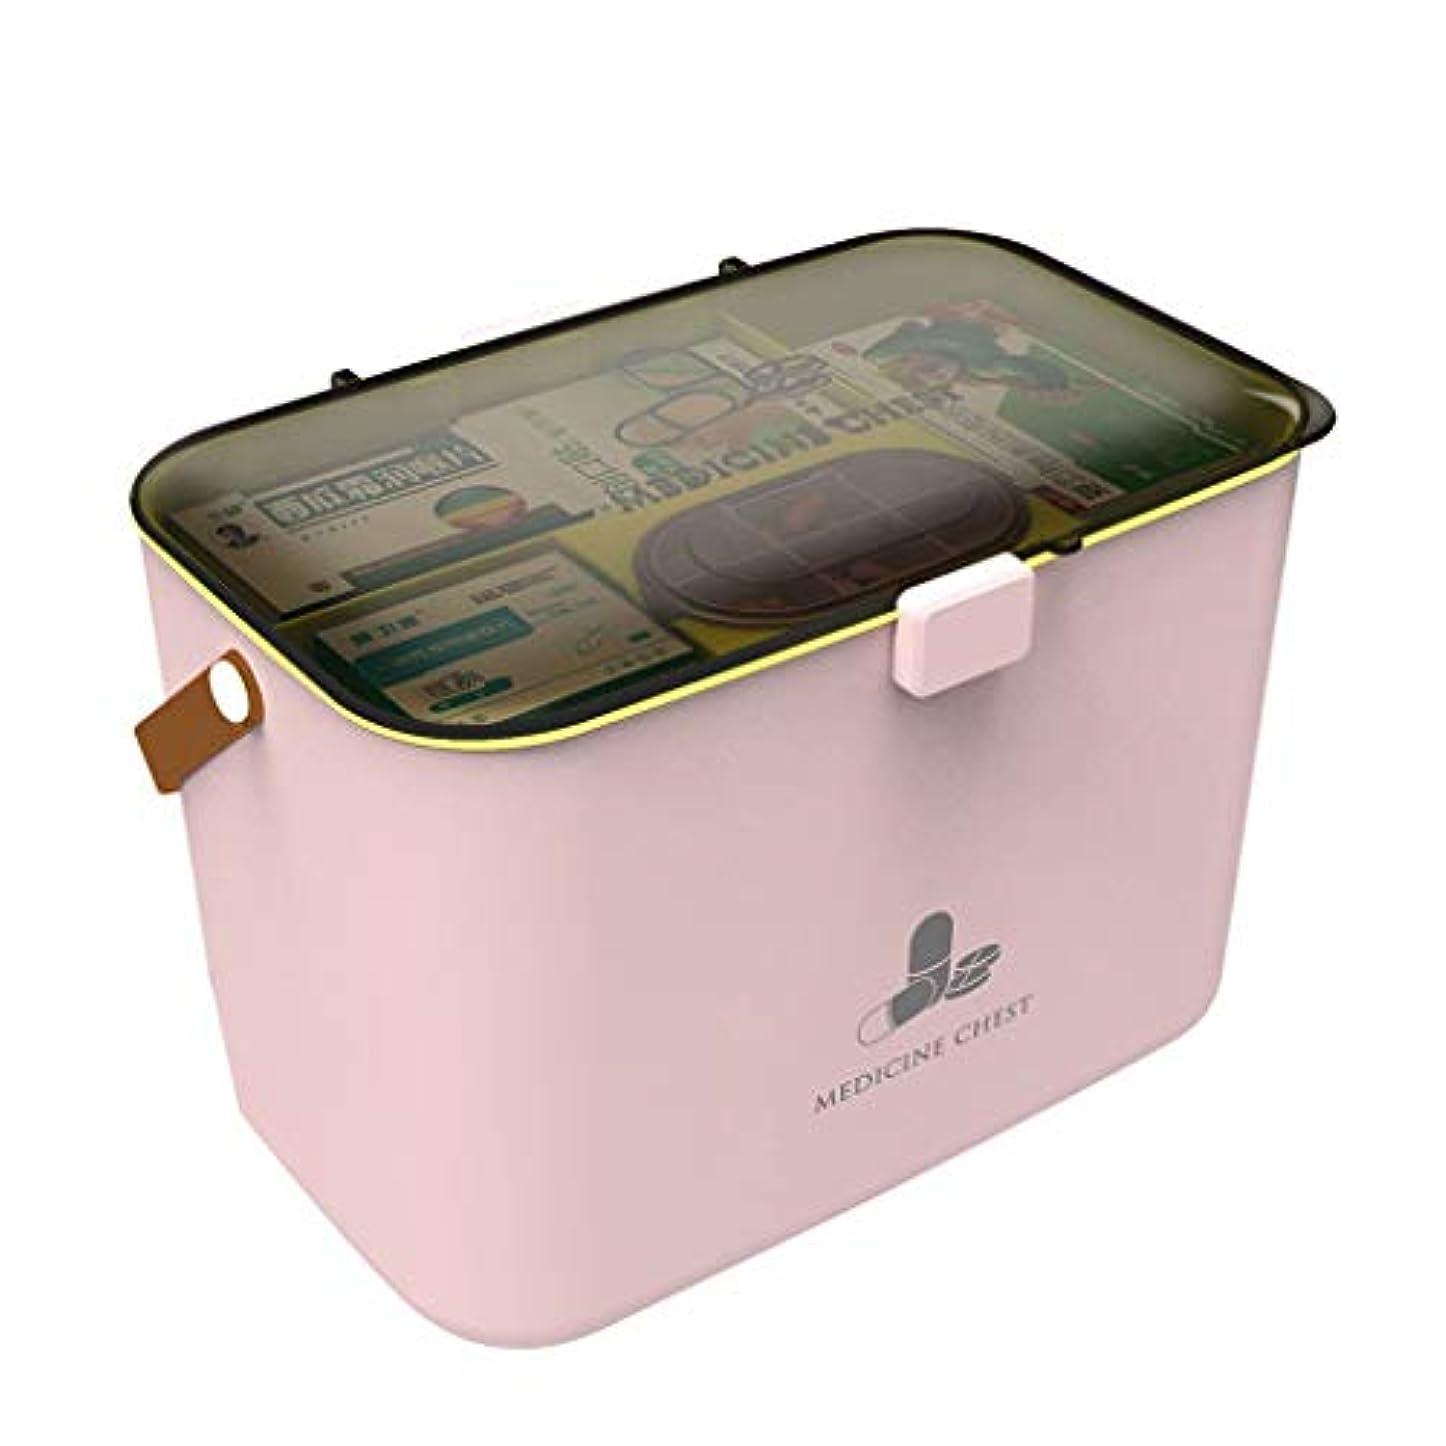 トロリーバス処分したつかいます薬箱家特大容量救急箱赤ちゃん赤ちゃん薬収納ボックススーパー HUXIUPING (Color : Pink)